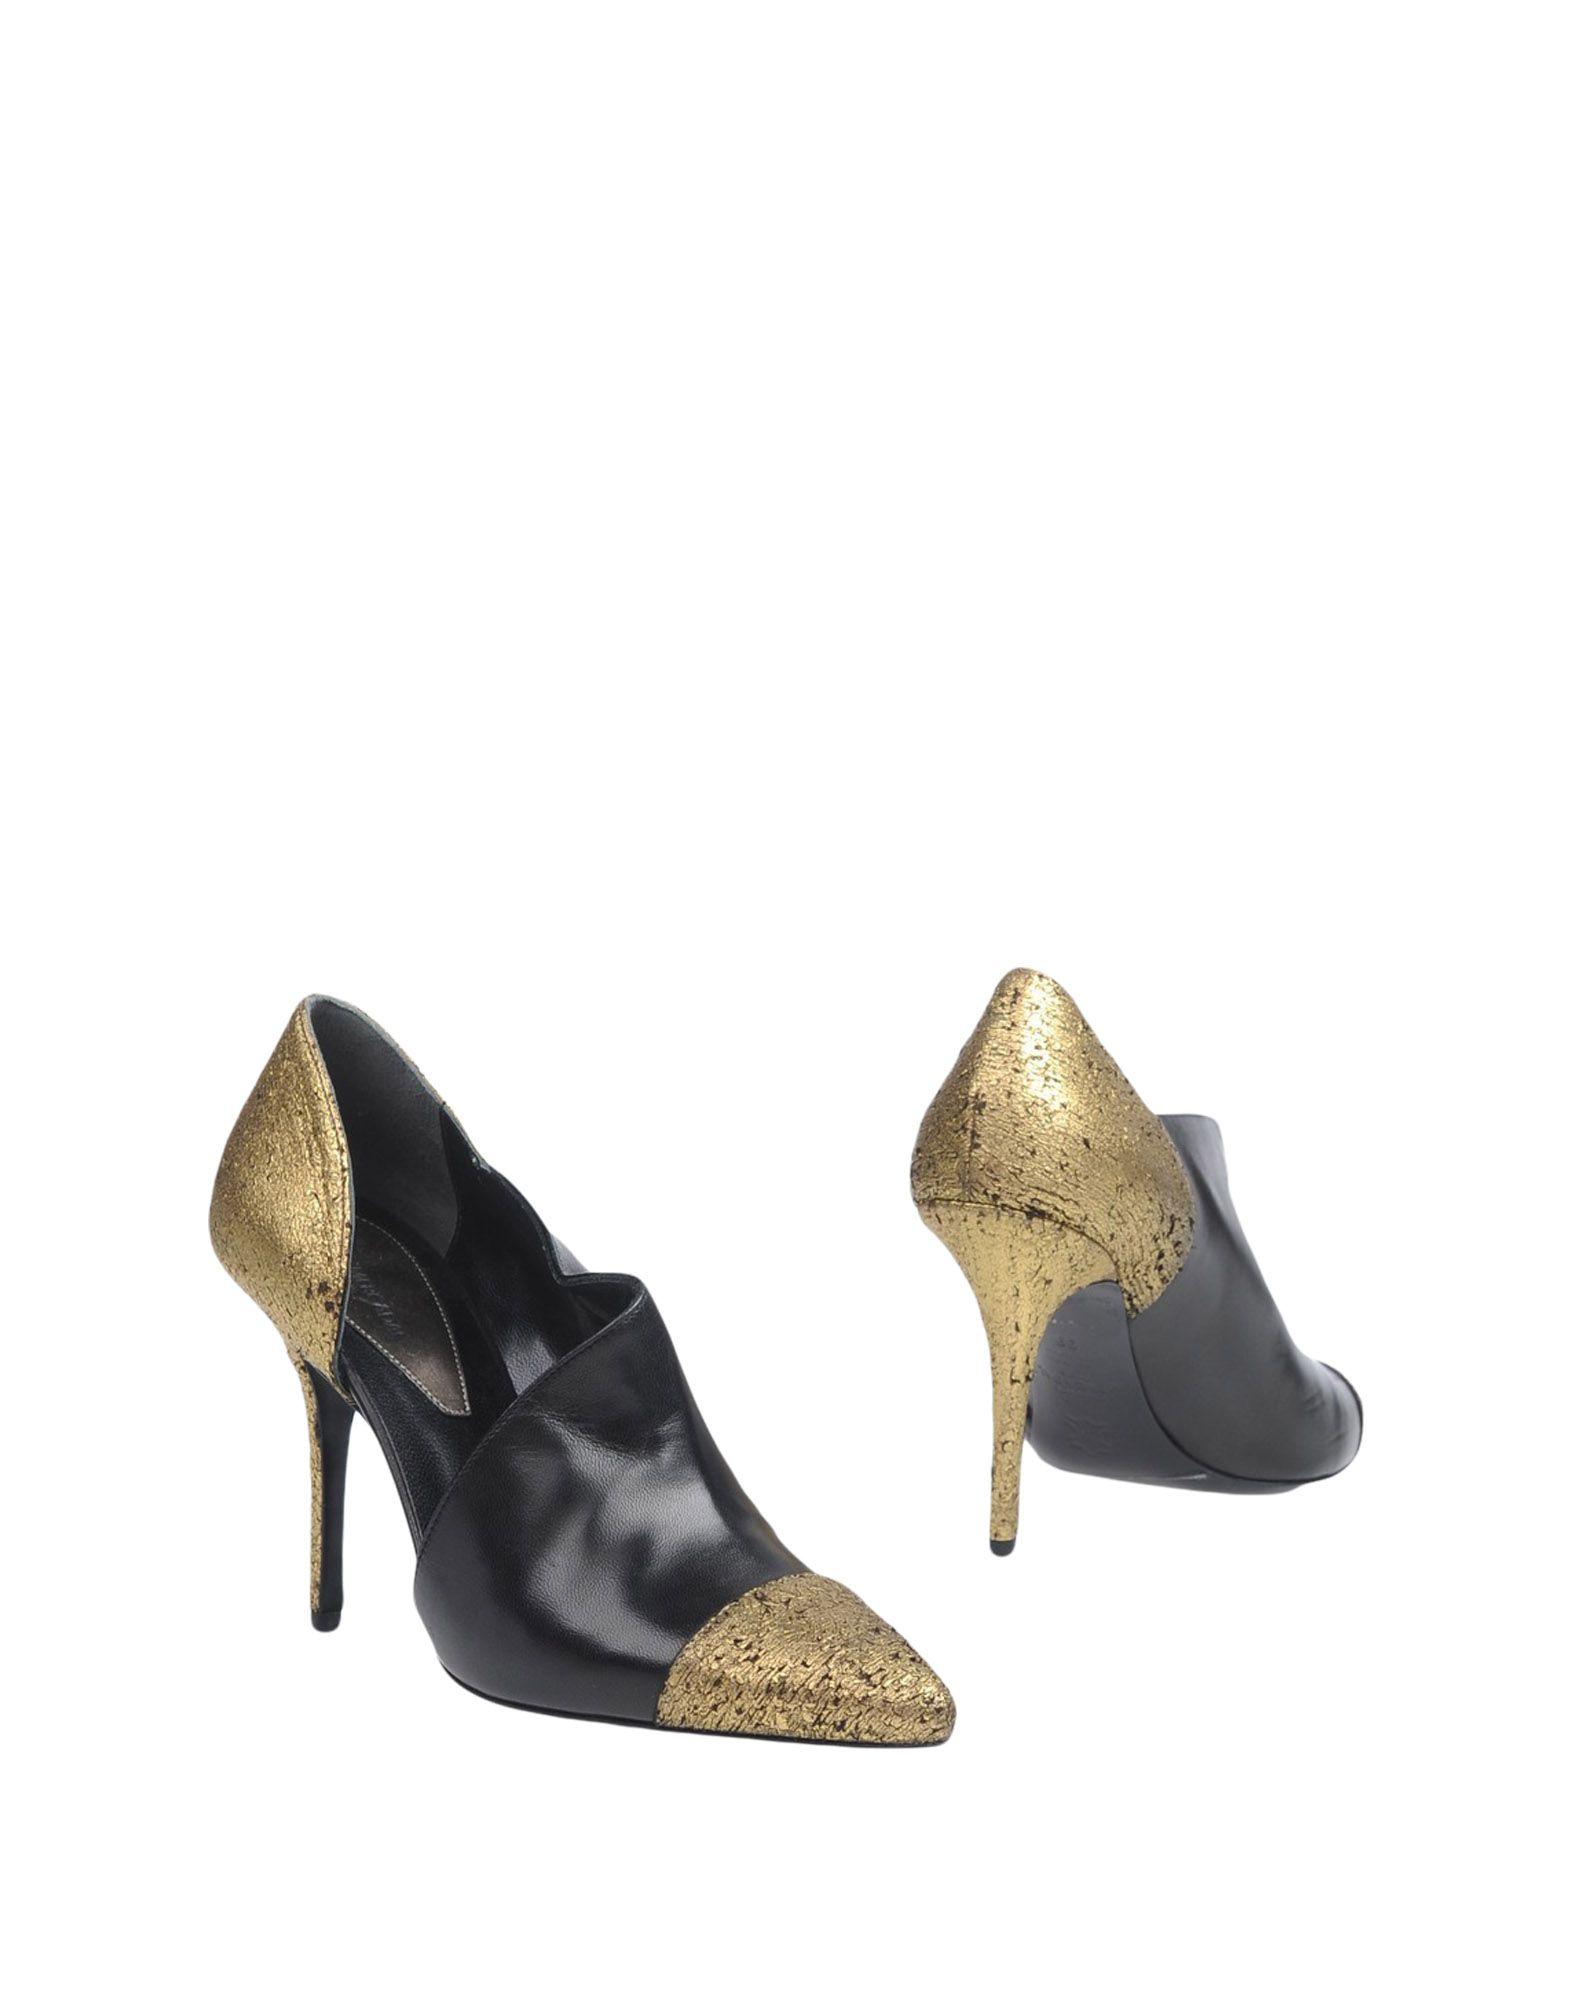 Atelier Mercadal Stiefelette Damen  Schuhe 11354862XD Gute Qualität beliebte Schuhe  f65f01